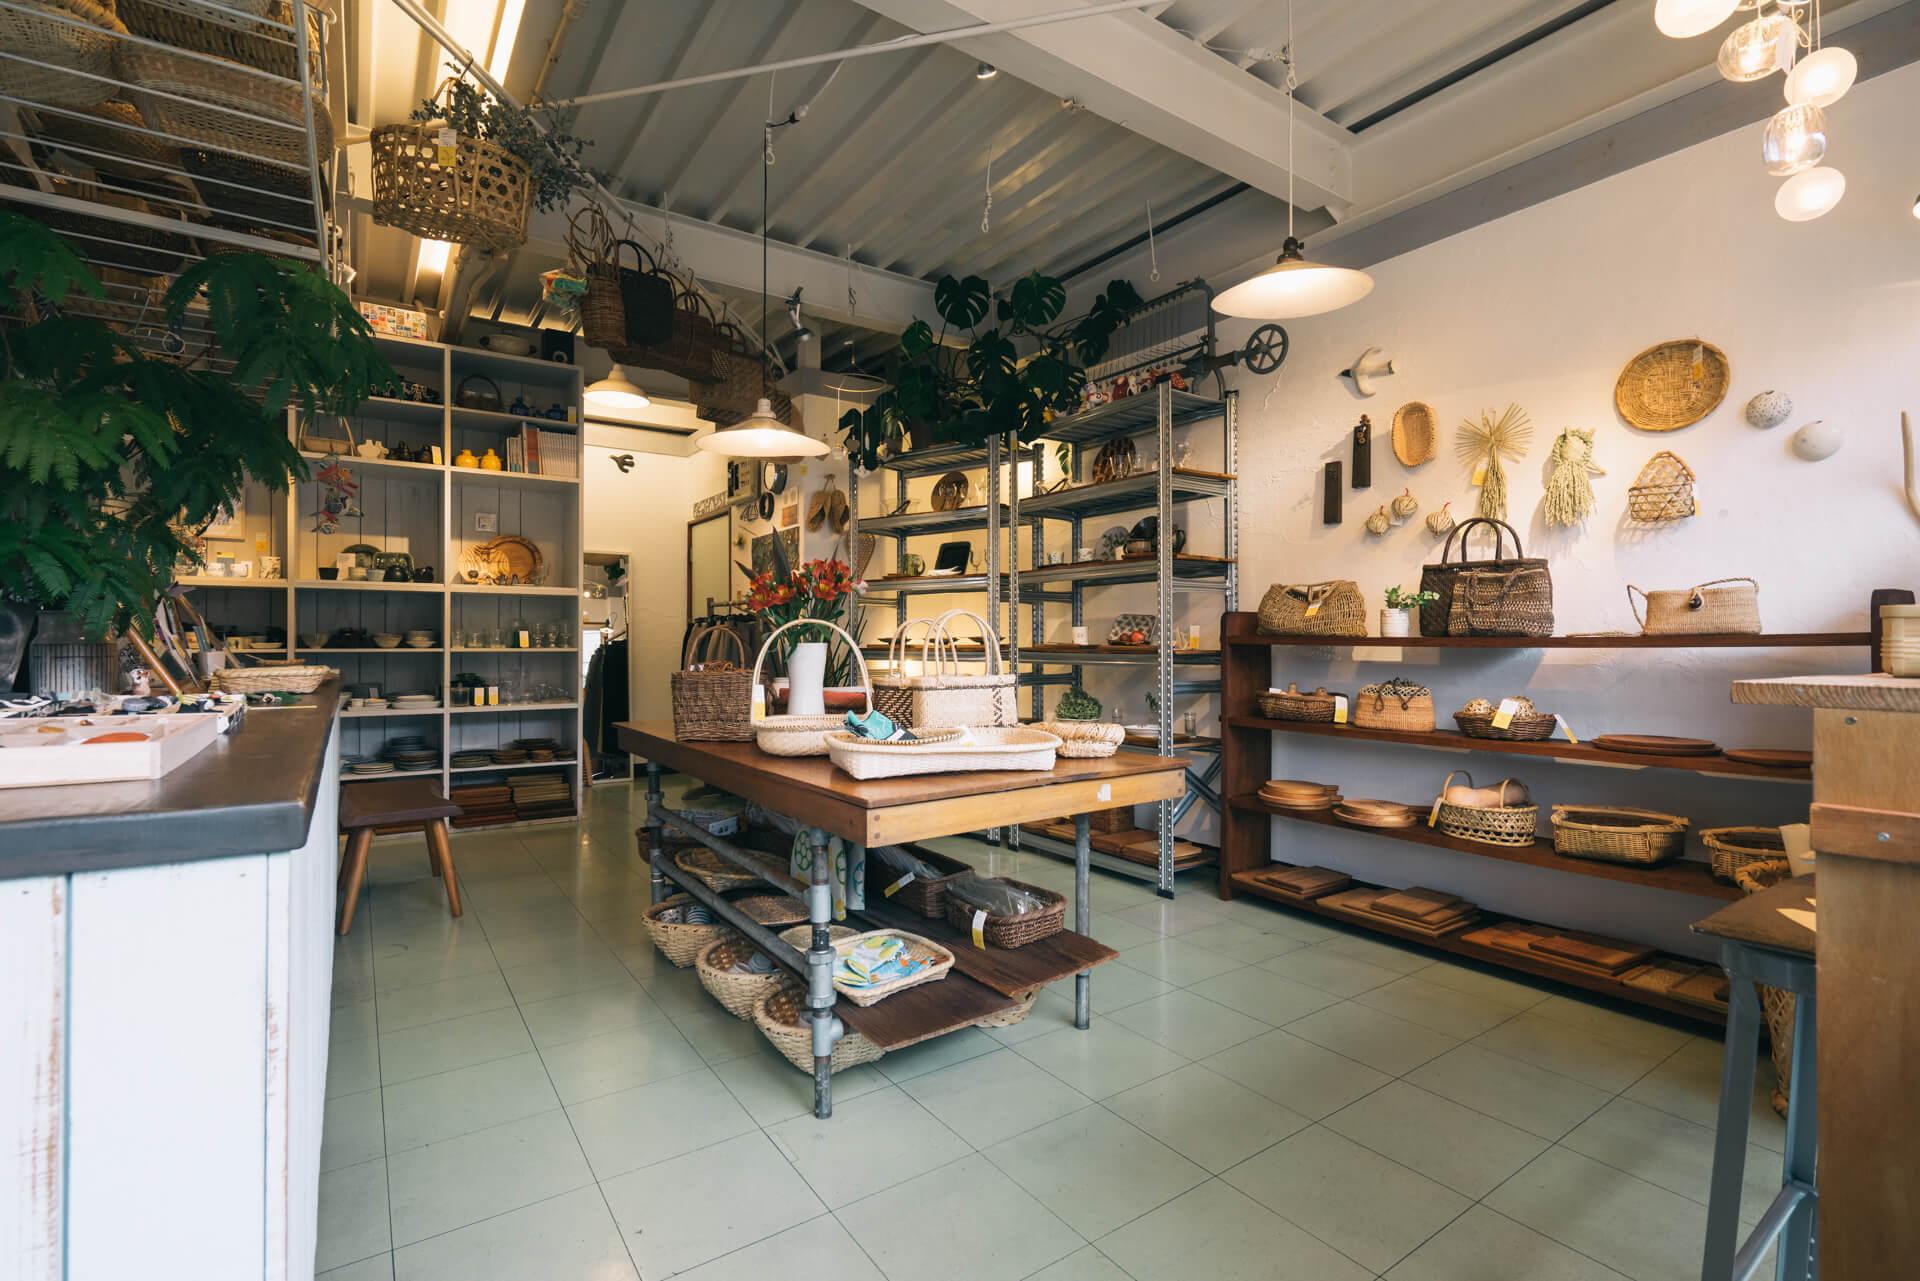 吉祥寺以西の駅にも、様々な暮らしのアイテムを扱うお店や、素敵なカフェがある中央線。人気は衰えません。()